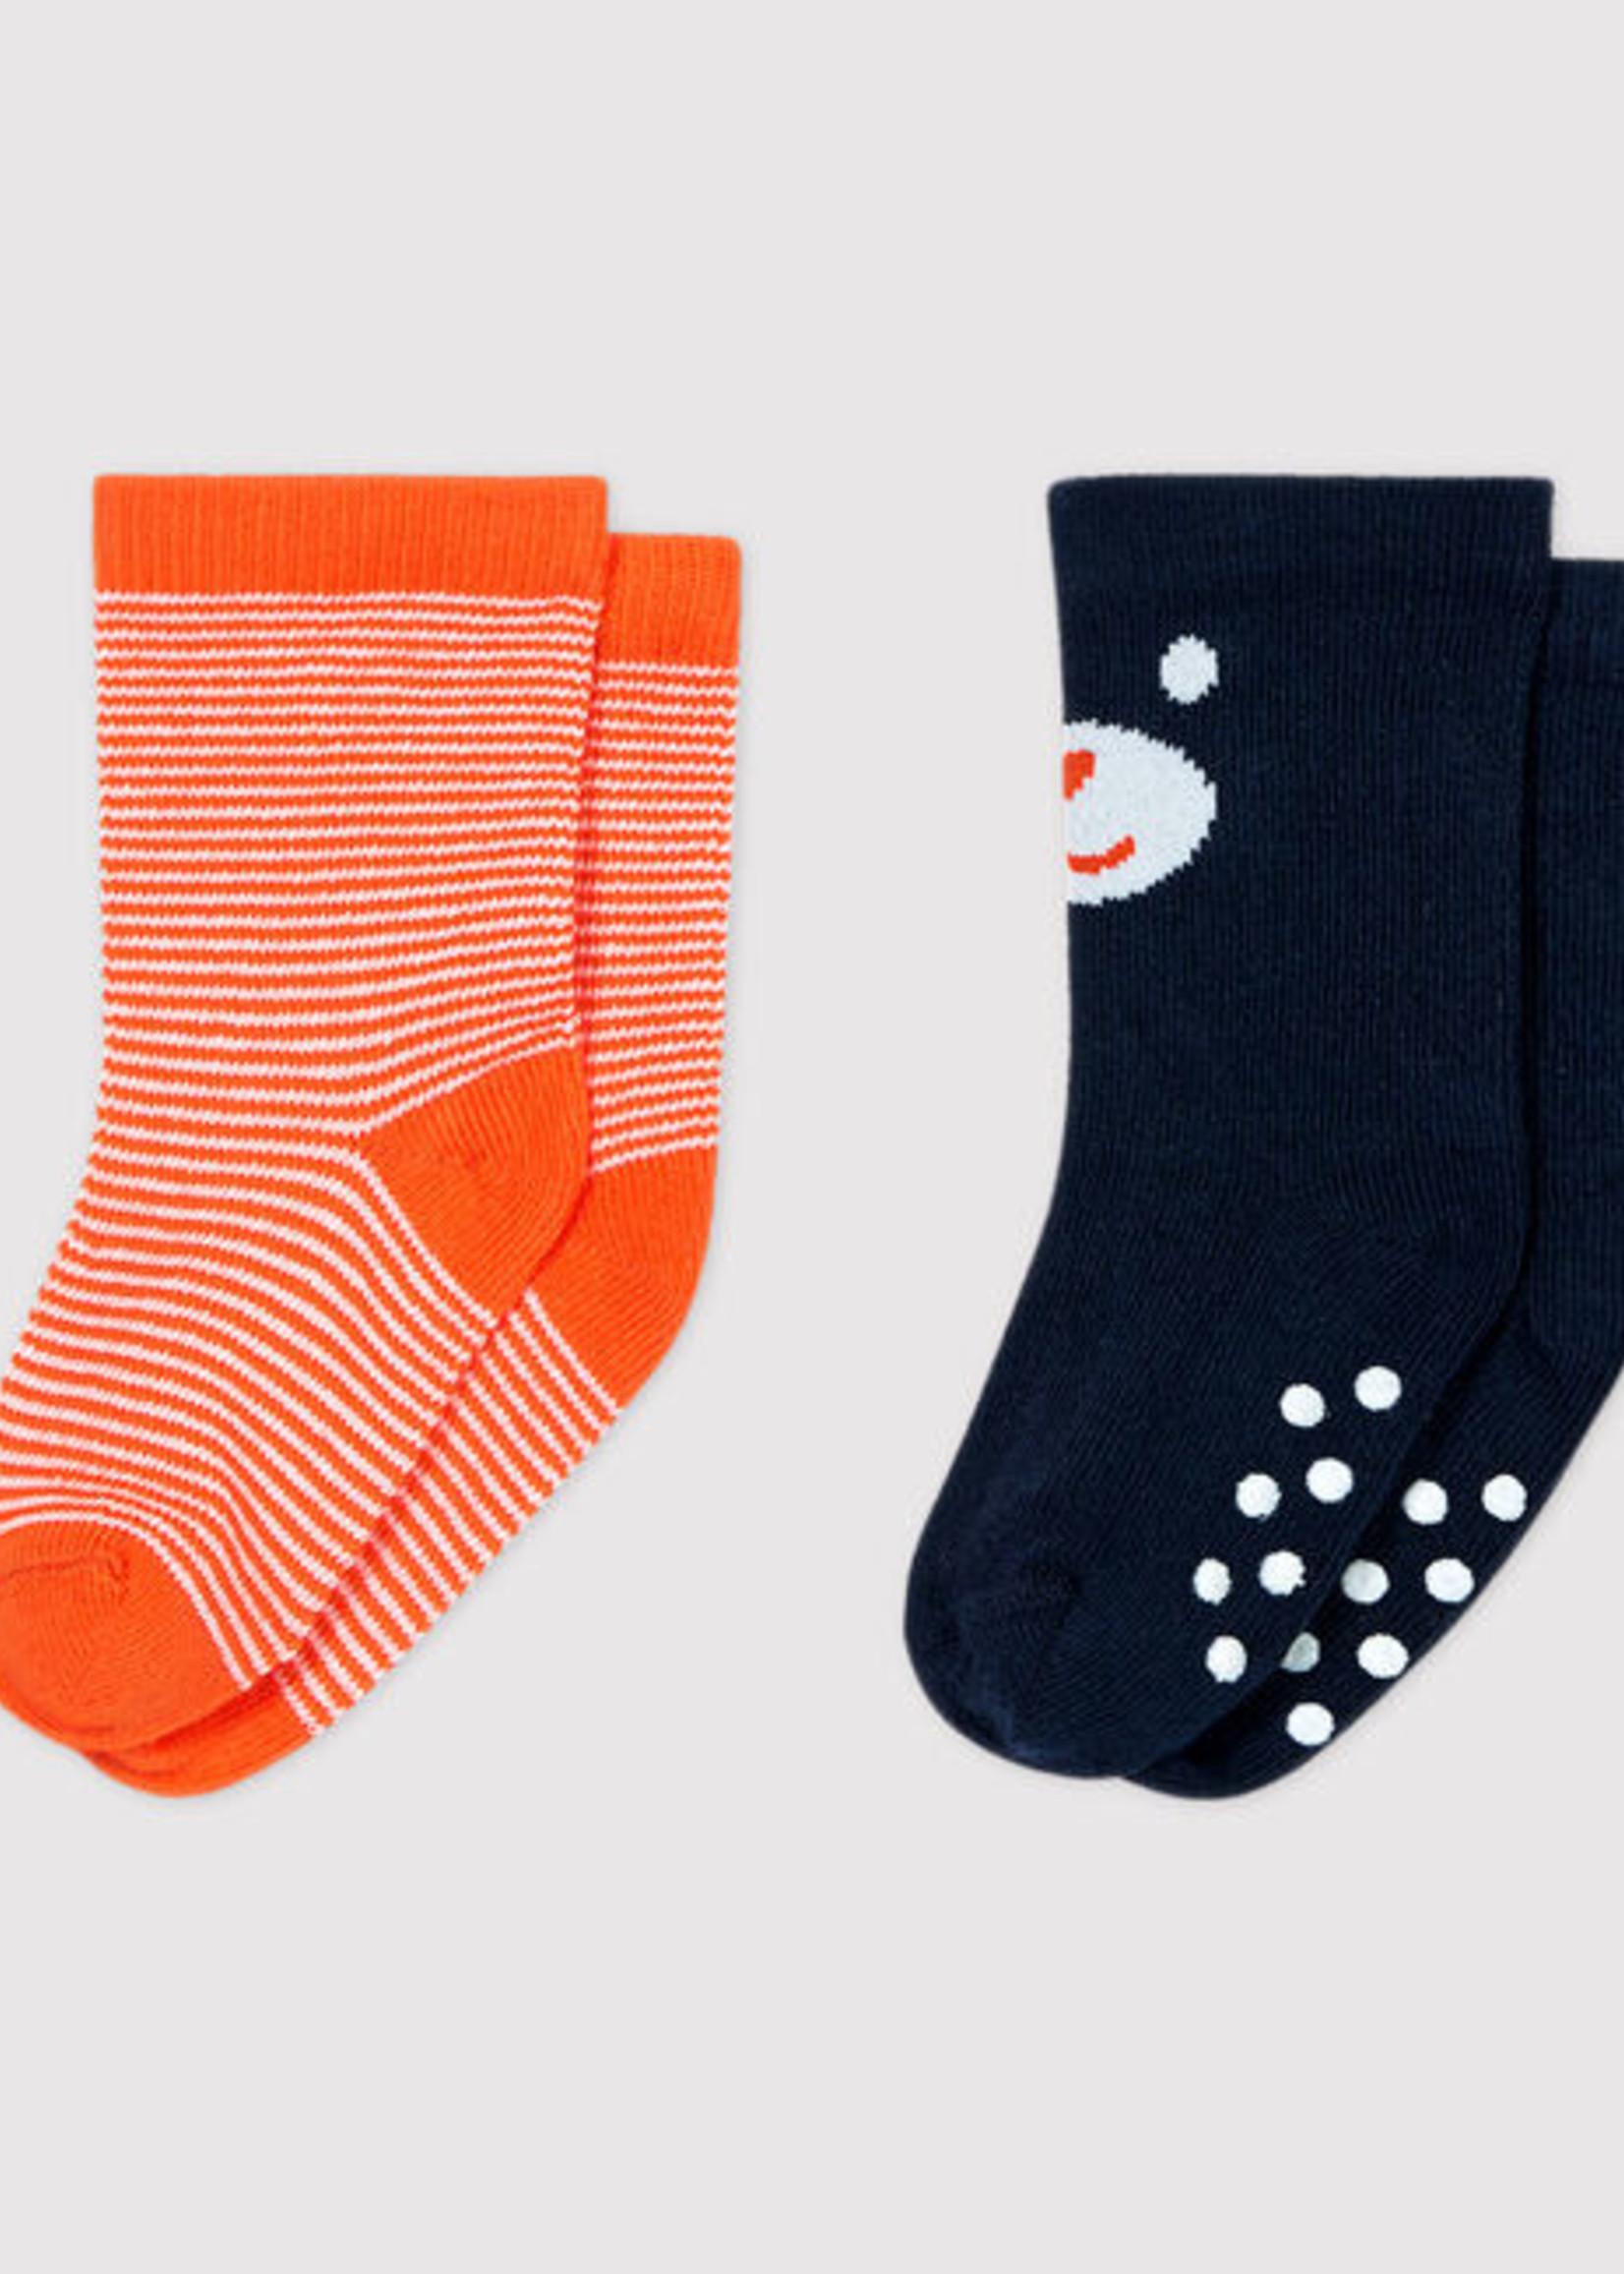 Petit Bateau Petit Bateau-AW21 A021K01 Socks